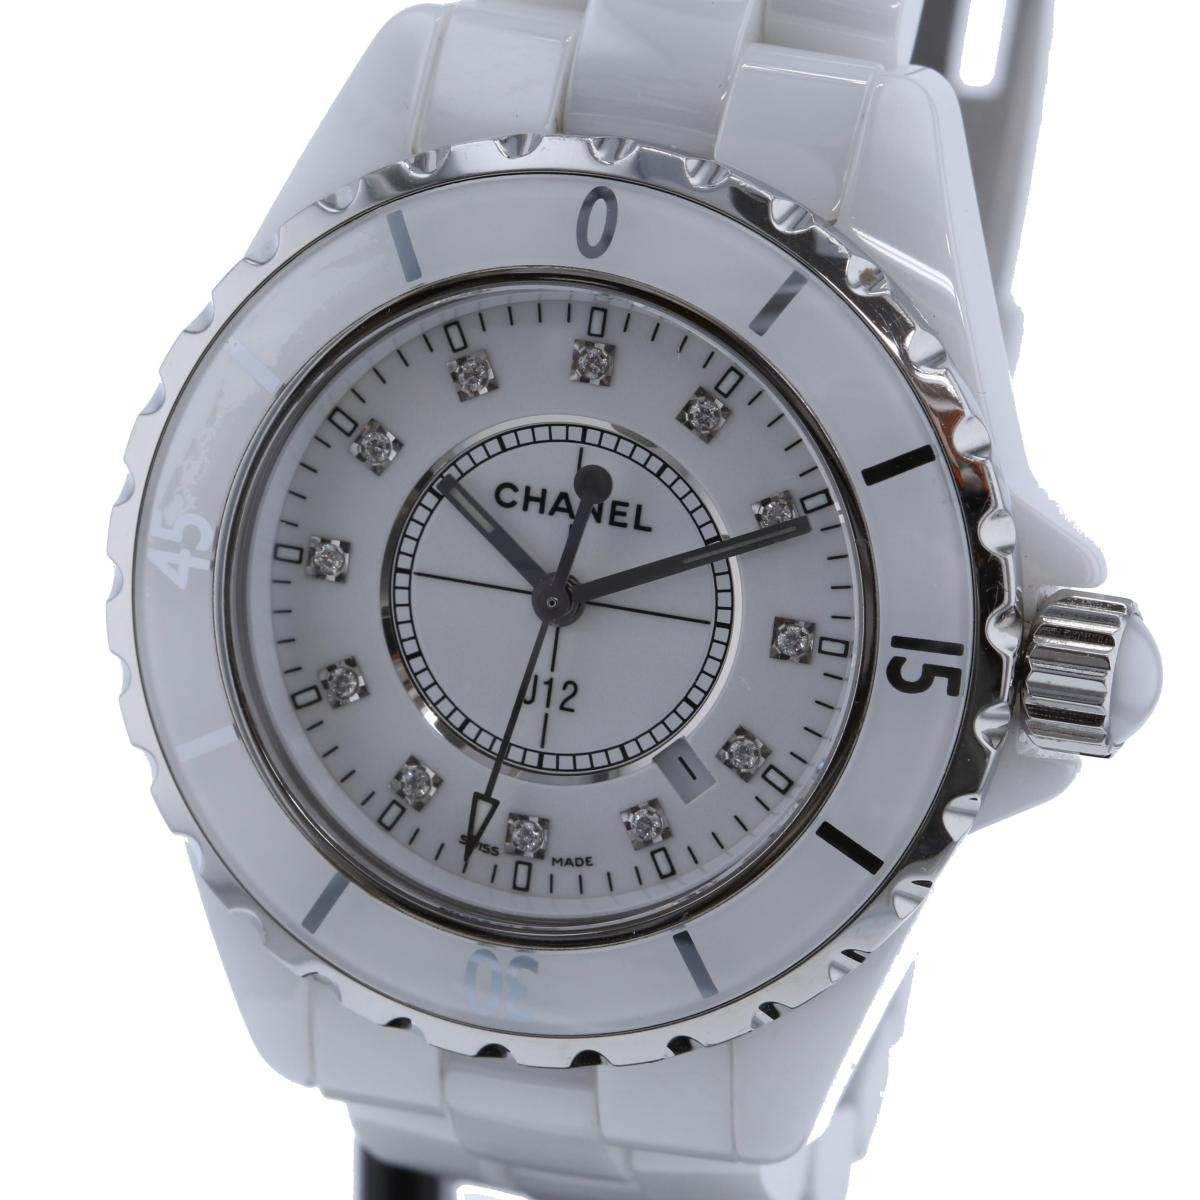 【お値下げ品】【中古】CHANEL (シャネル) J12 33� 12Pダイヤモンド 時計 クオーツ/レディース J12/White White H1628 used:B